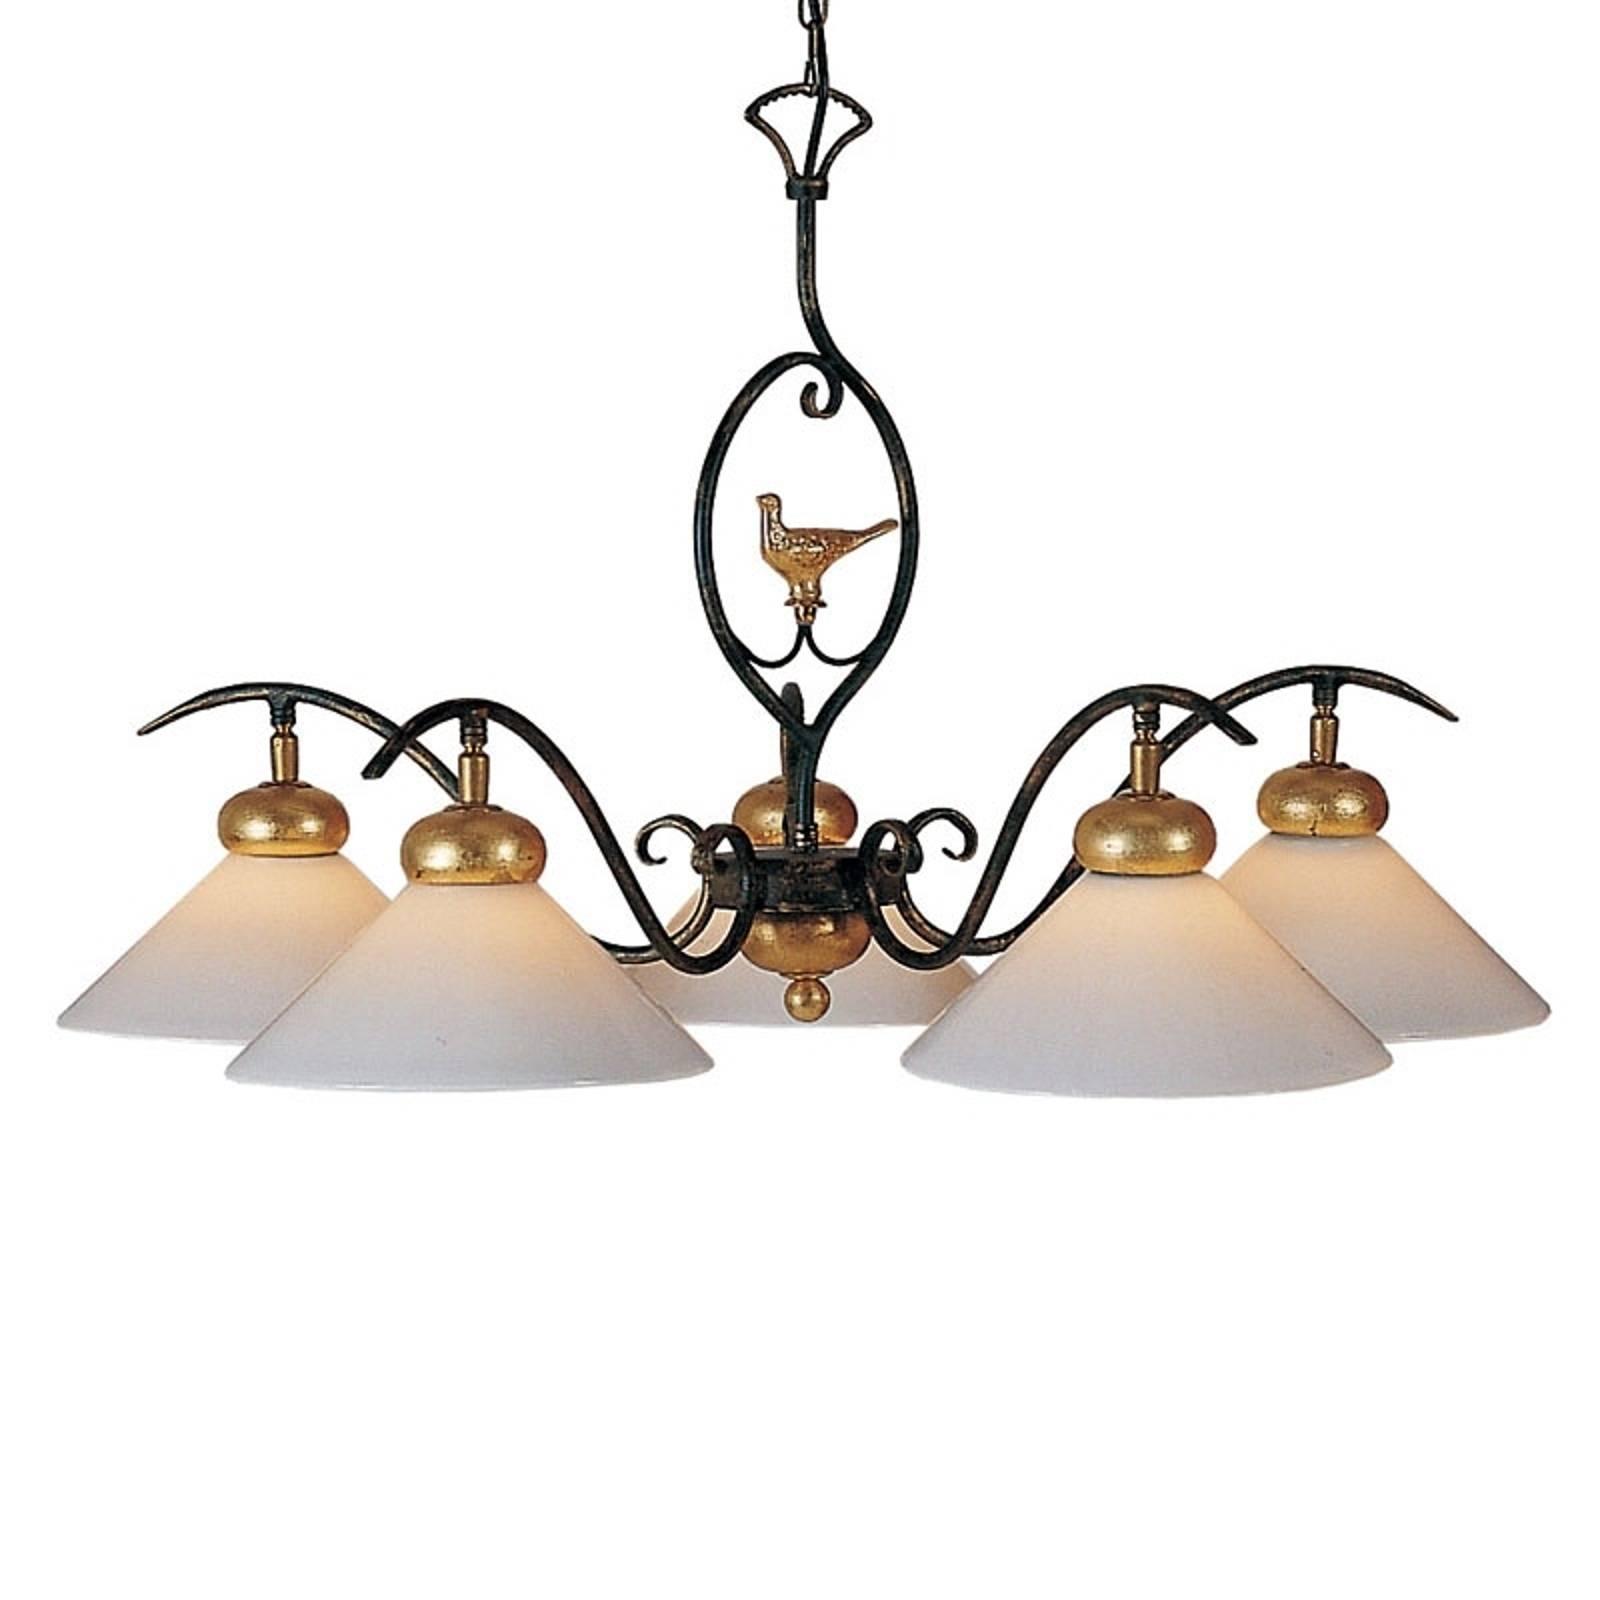 h ngelampen von menzel und andere lampen f r wohnzimmer online kaufen bei m bel garten. Black Bedroom Furniture Sets. Home Design Ideas